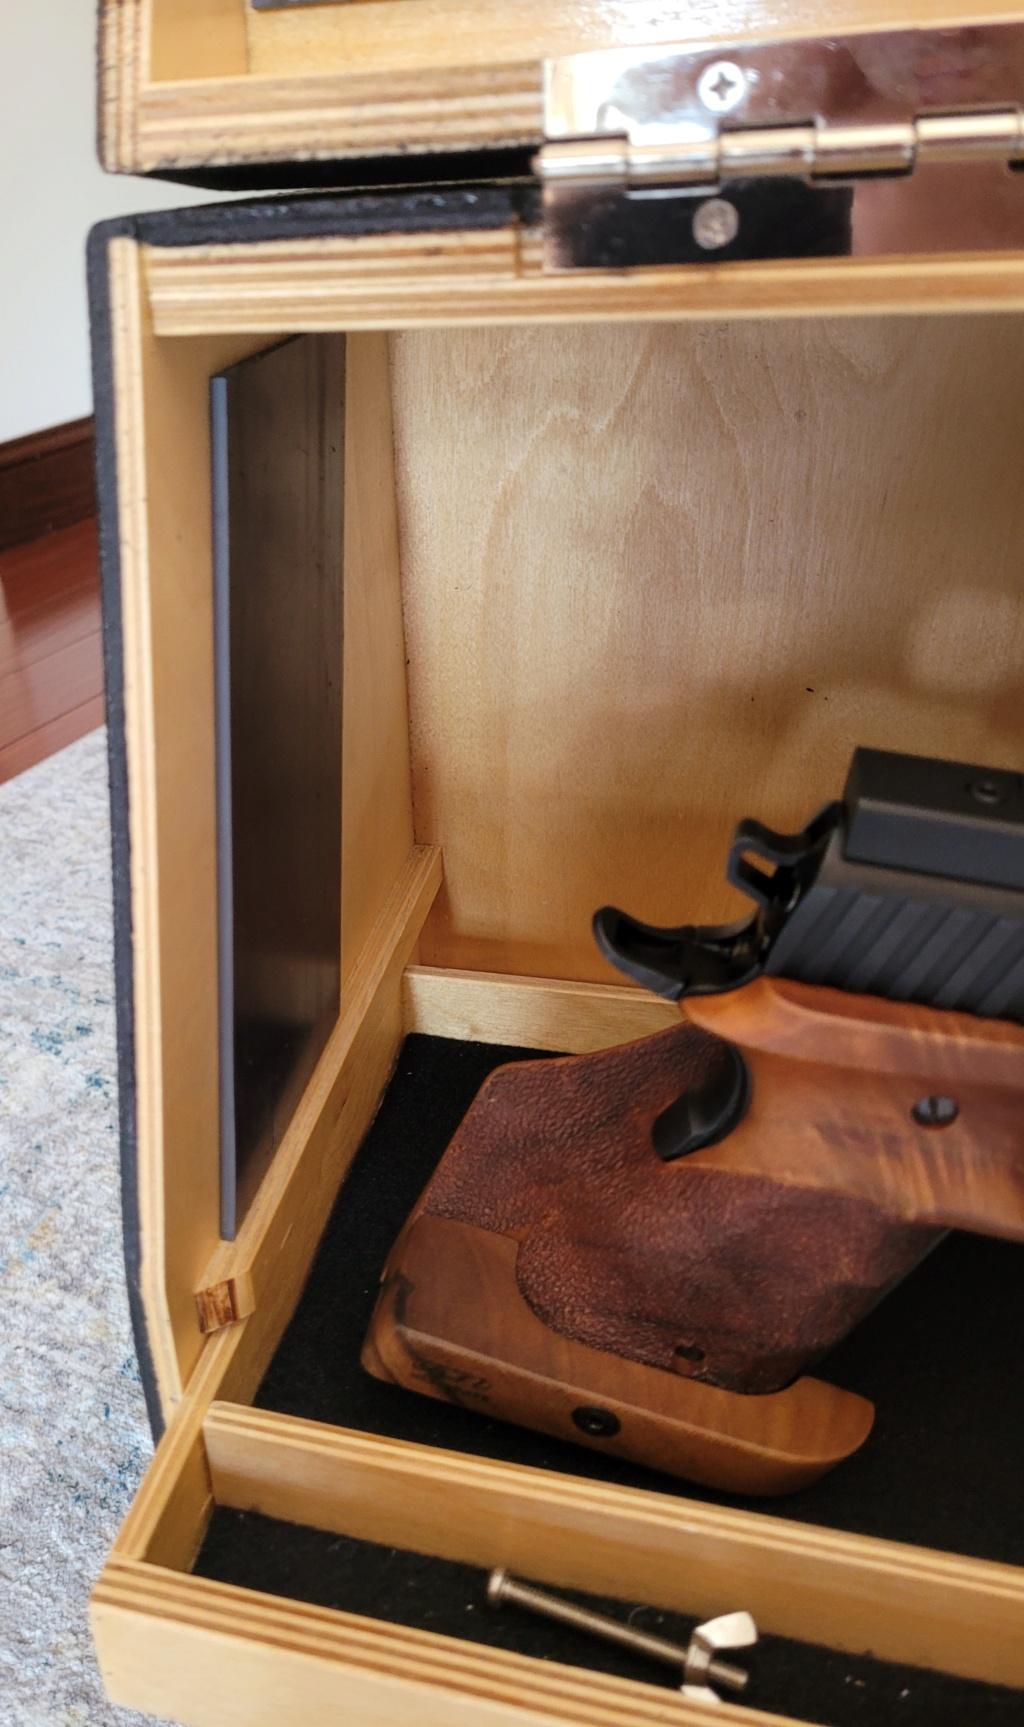 Sold: Precision Pistol Box - 3 Gun Deluxe Mint - $275 20210517